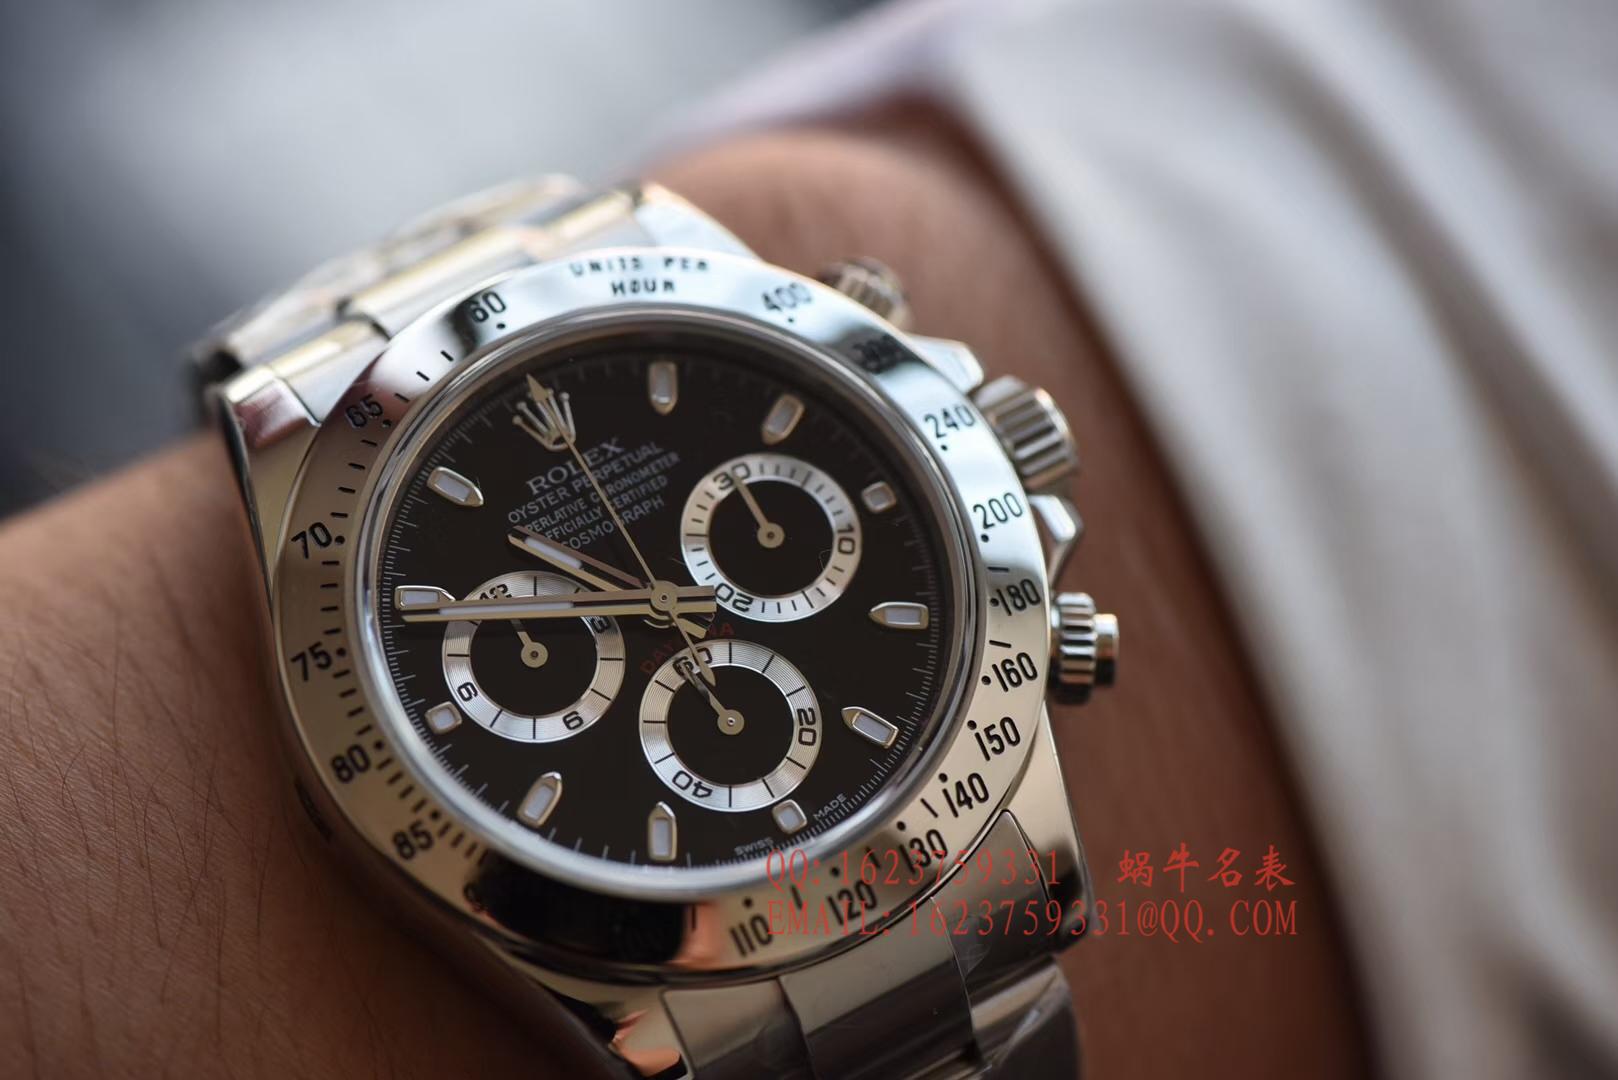 【AR一比一超A高仿手表】劳力士宇宙计型迪通拿系列116520-78590 黑盘腕表(黑钢迪)、116520-78590 白盘腕表(白钢迪) / RBH195